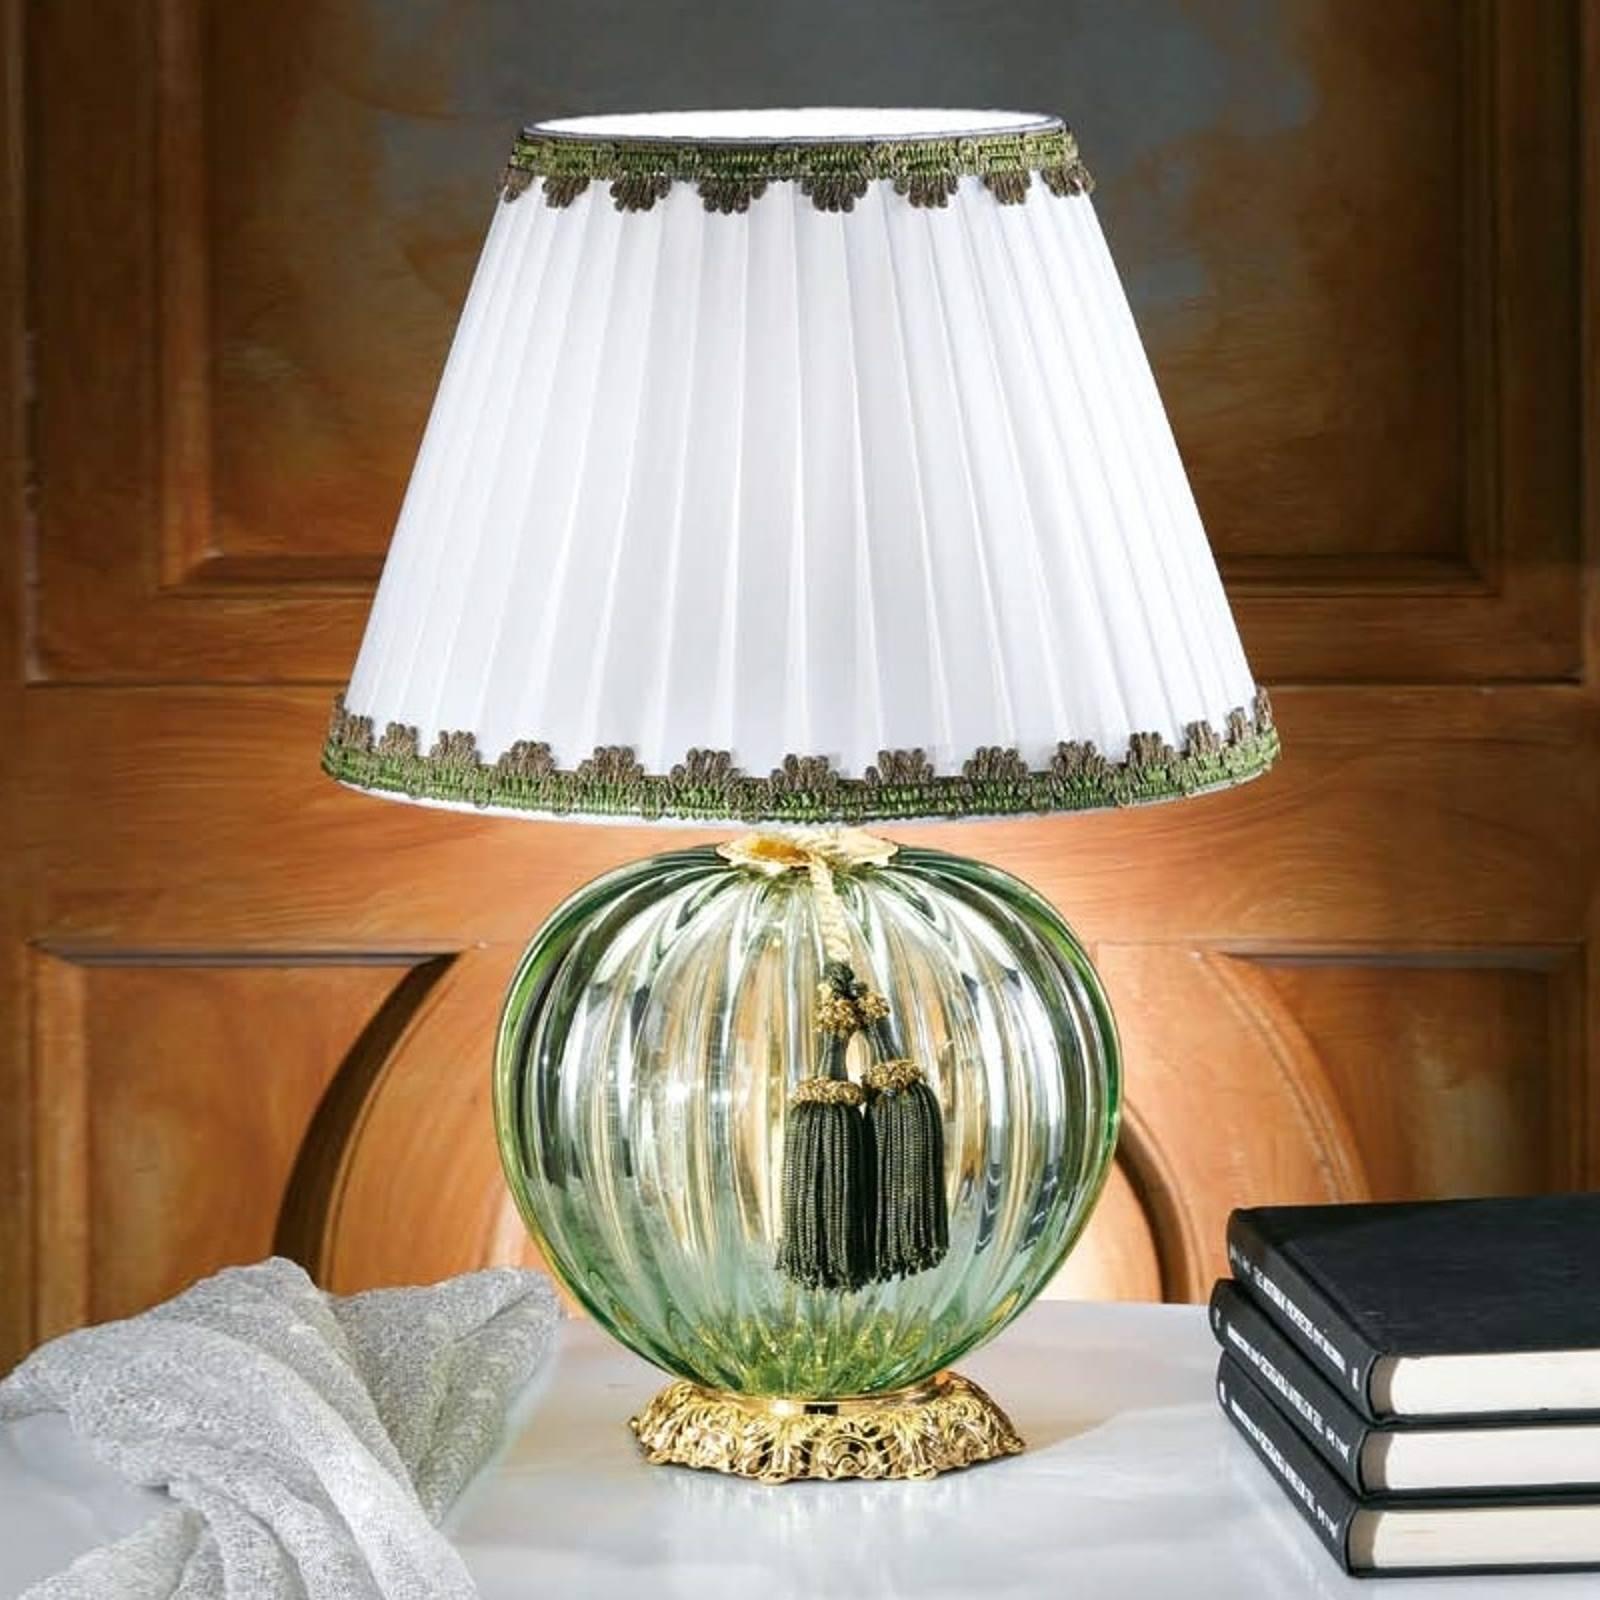 schreibtischlampen und andere lampen von masiero online kaufen bei m bel garten. Black Bedroom Furniture Sets. Home Design Ideas